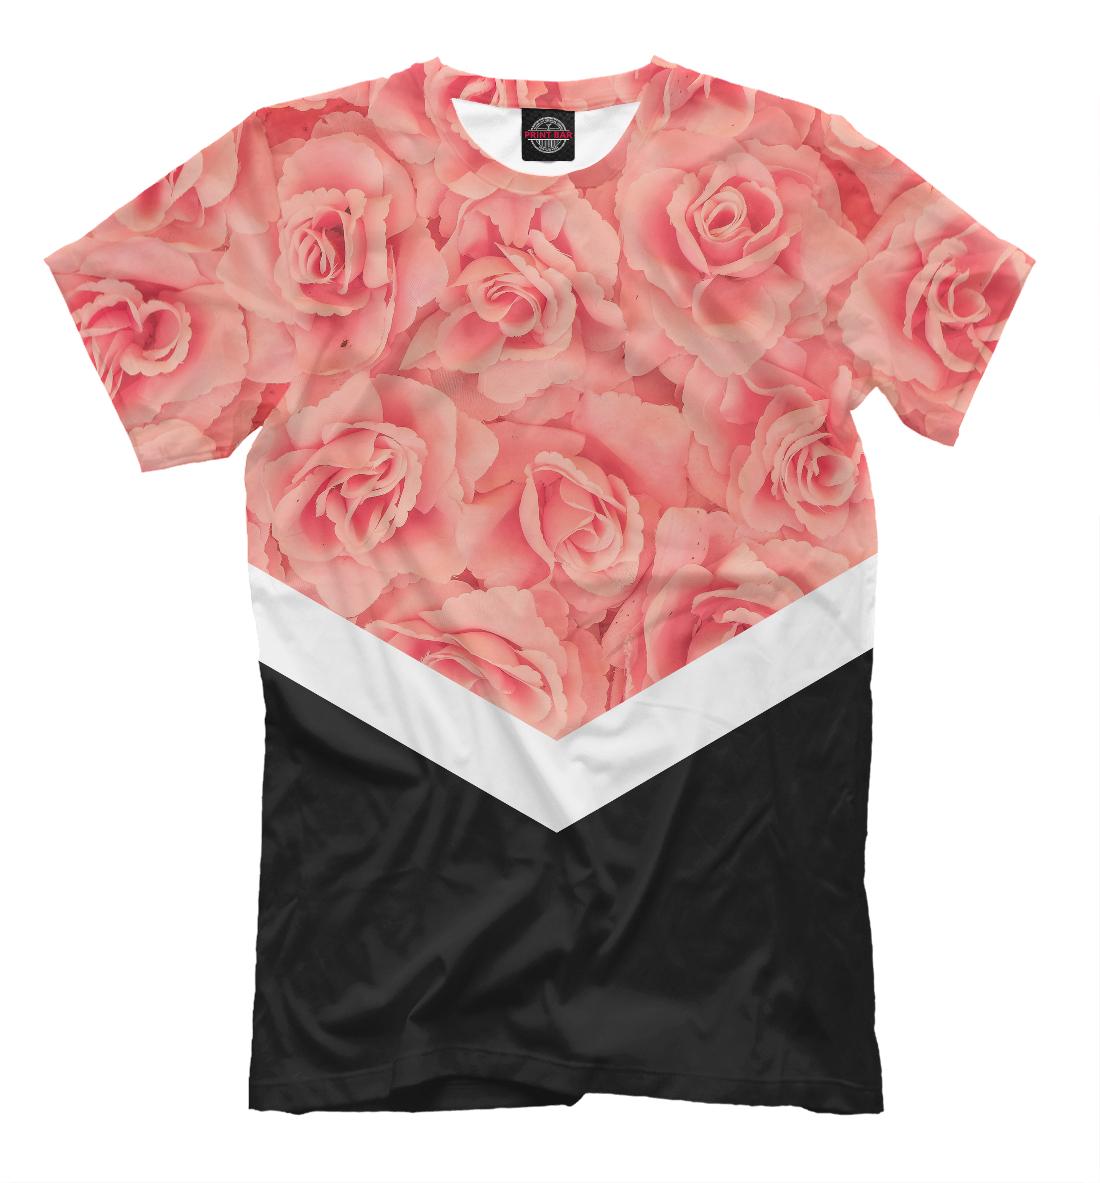 Купить Розовые Розы, Printbar, Футболки, CVE-833801-fut-2